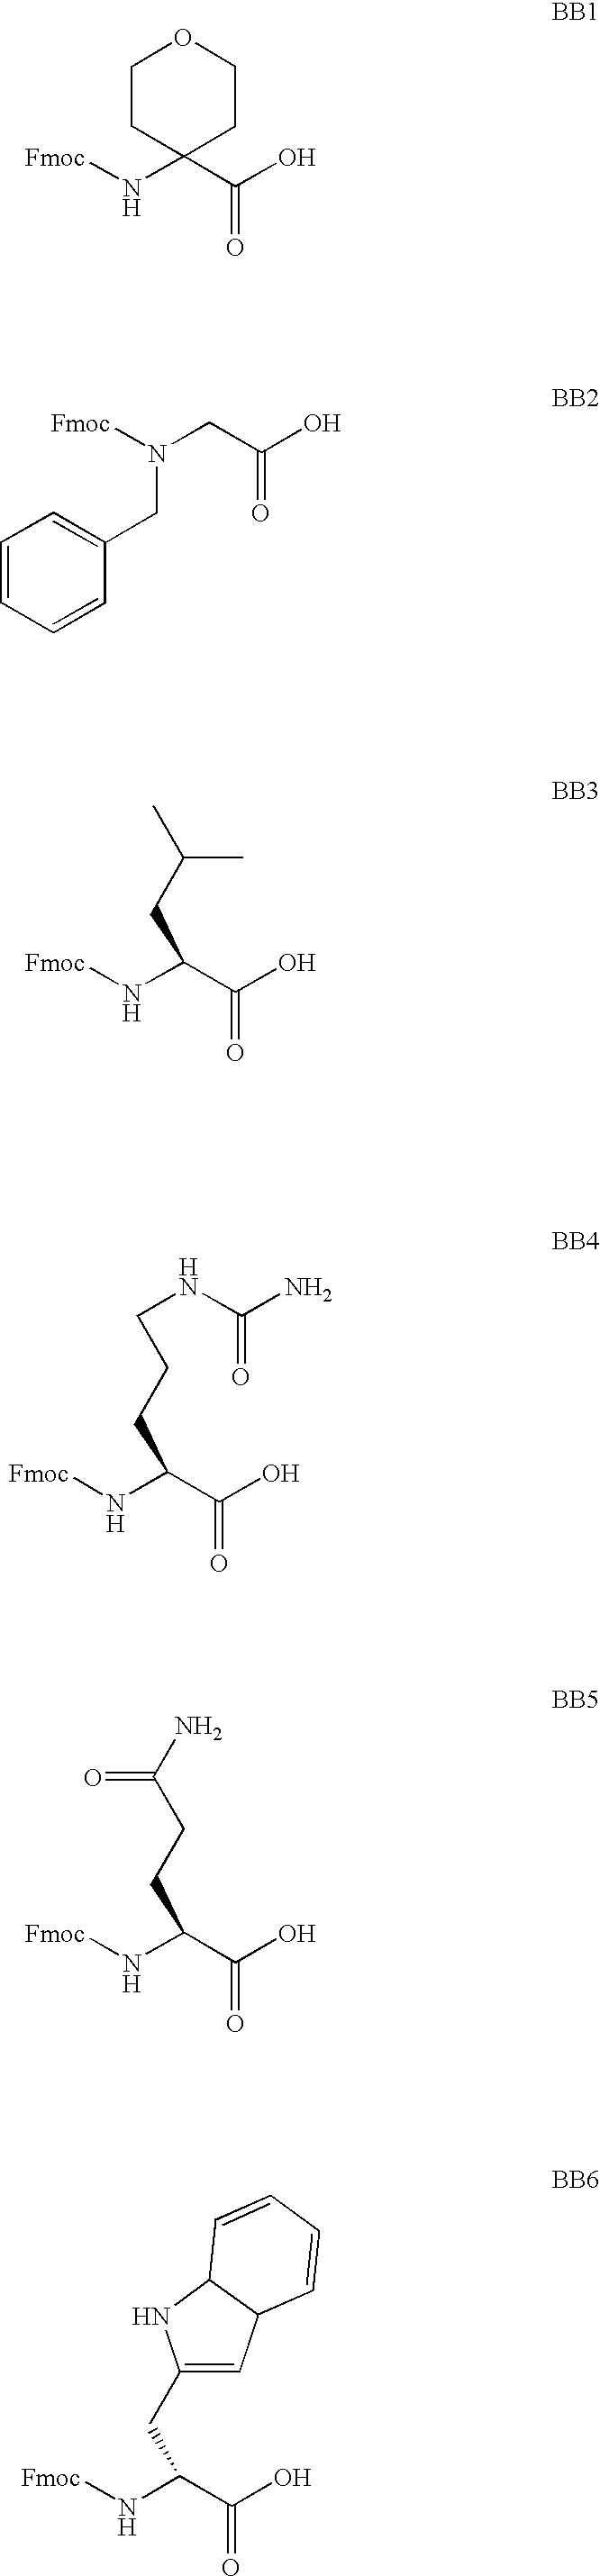 Figure US07972994-20110705-C00112